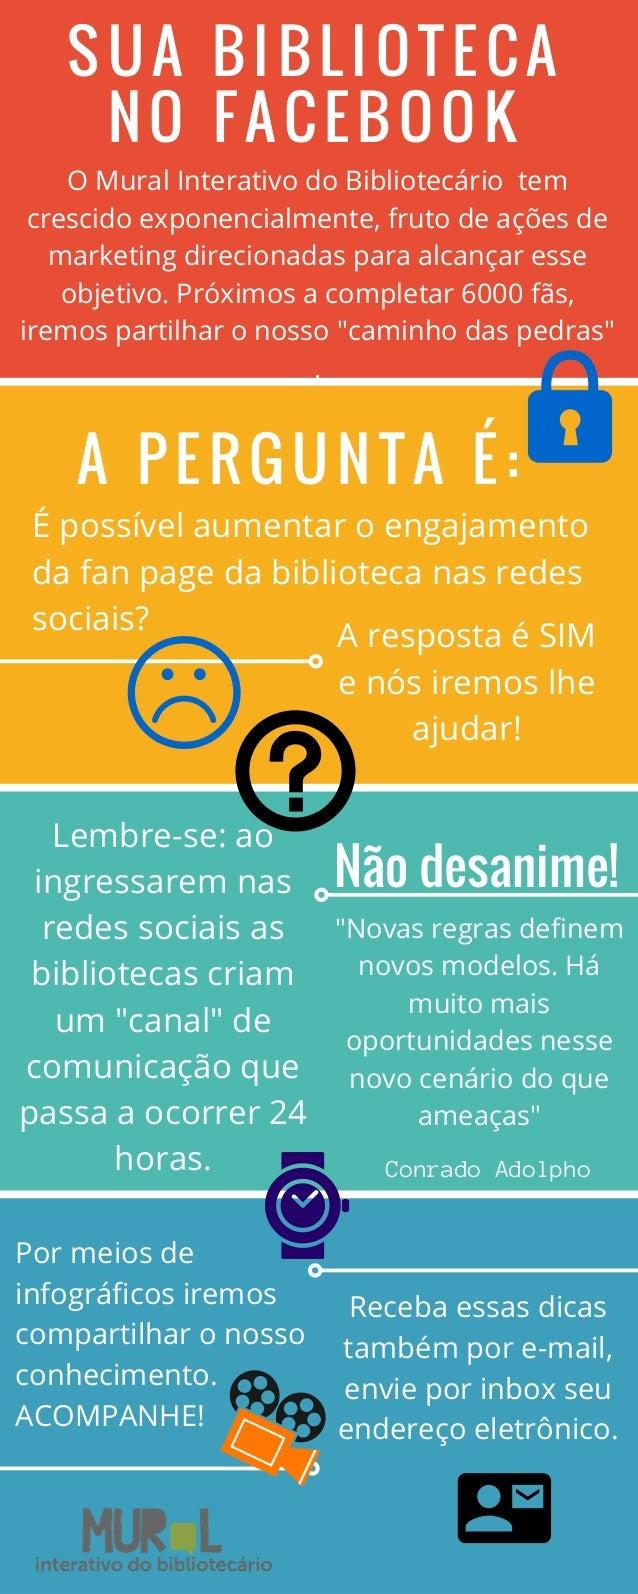 SUA BIBLIOTECA NO FACEBOOK A PERGUNTA É: É possível aumentar o engajamento da fan page da biblioteca nas redes sociais? O ...